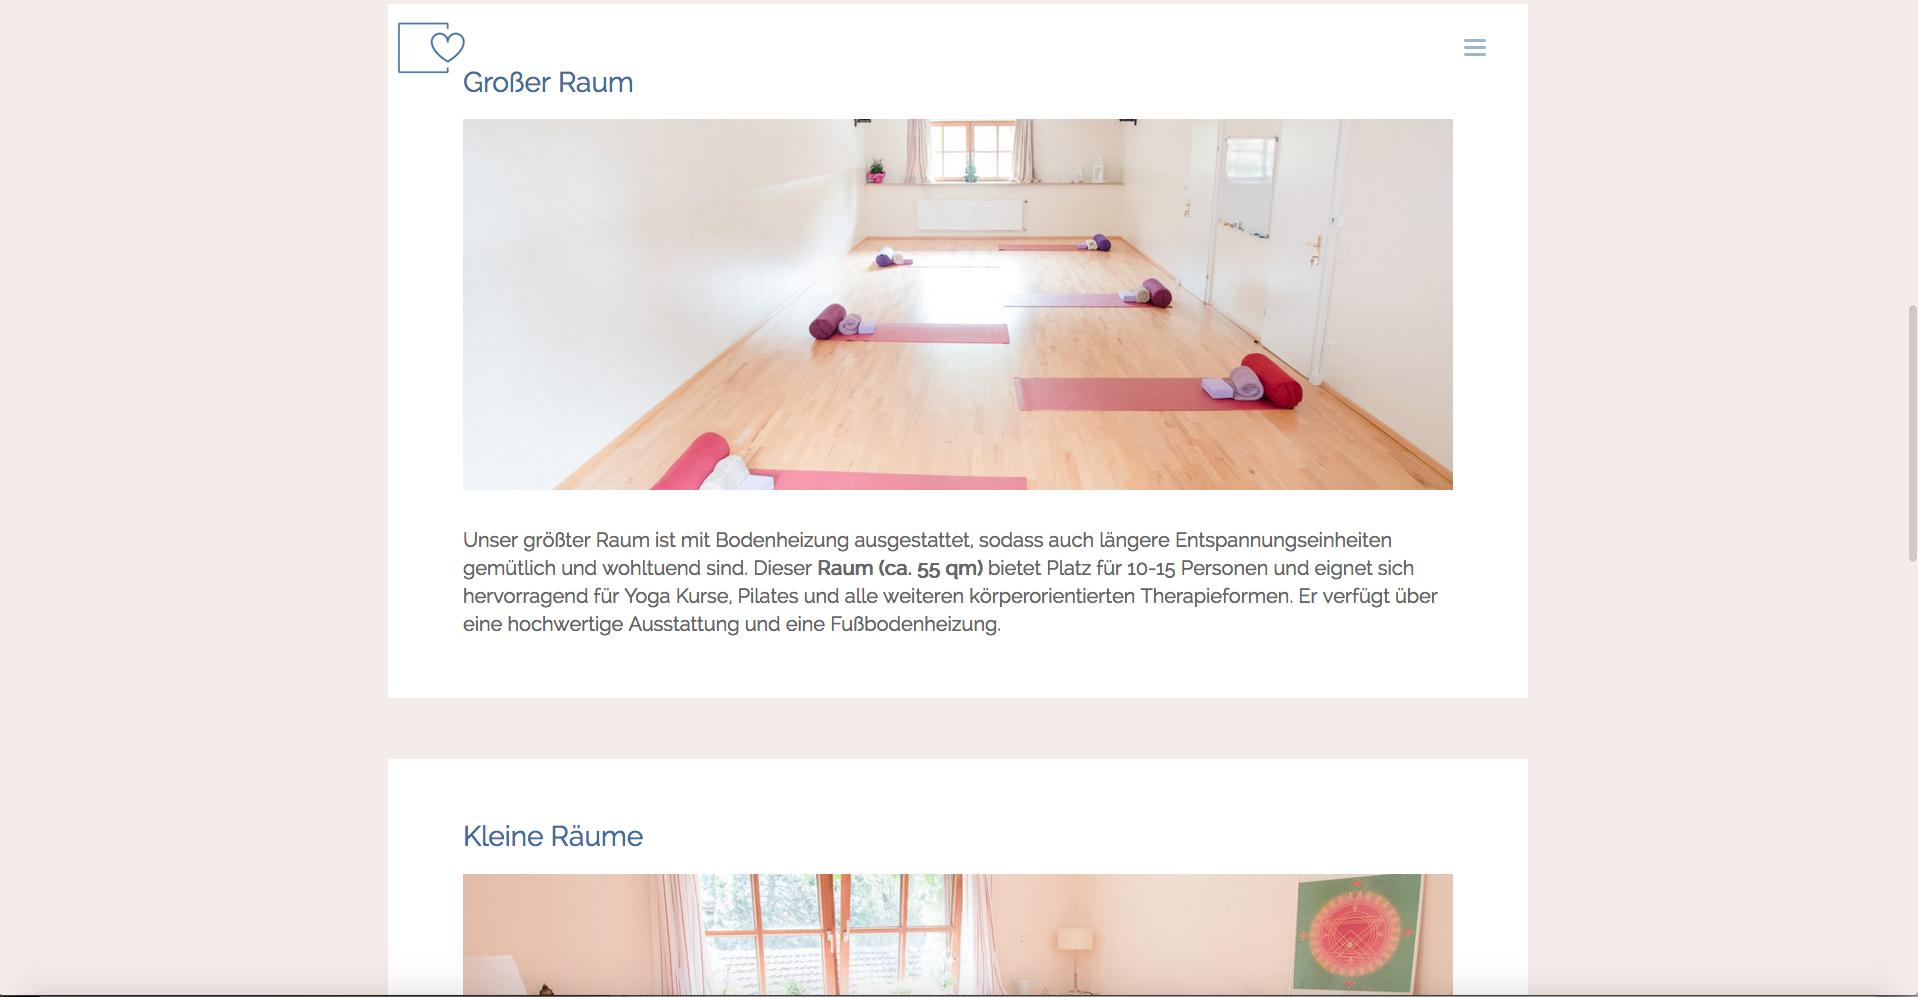 Fresh Herbs Communications Marketing Projektmanagement Website Salzburg_58_Lebensraums Gesundheit